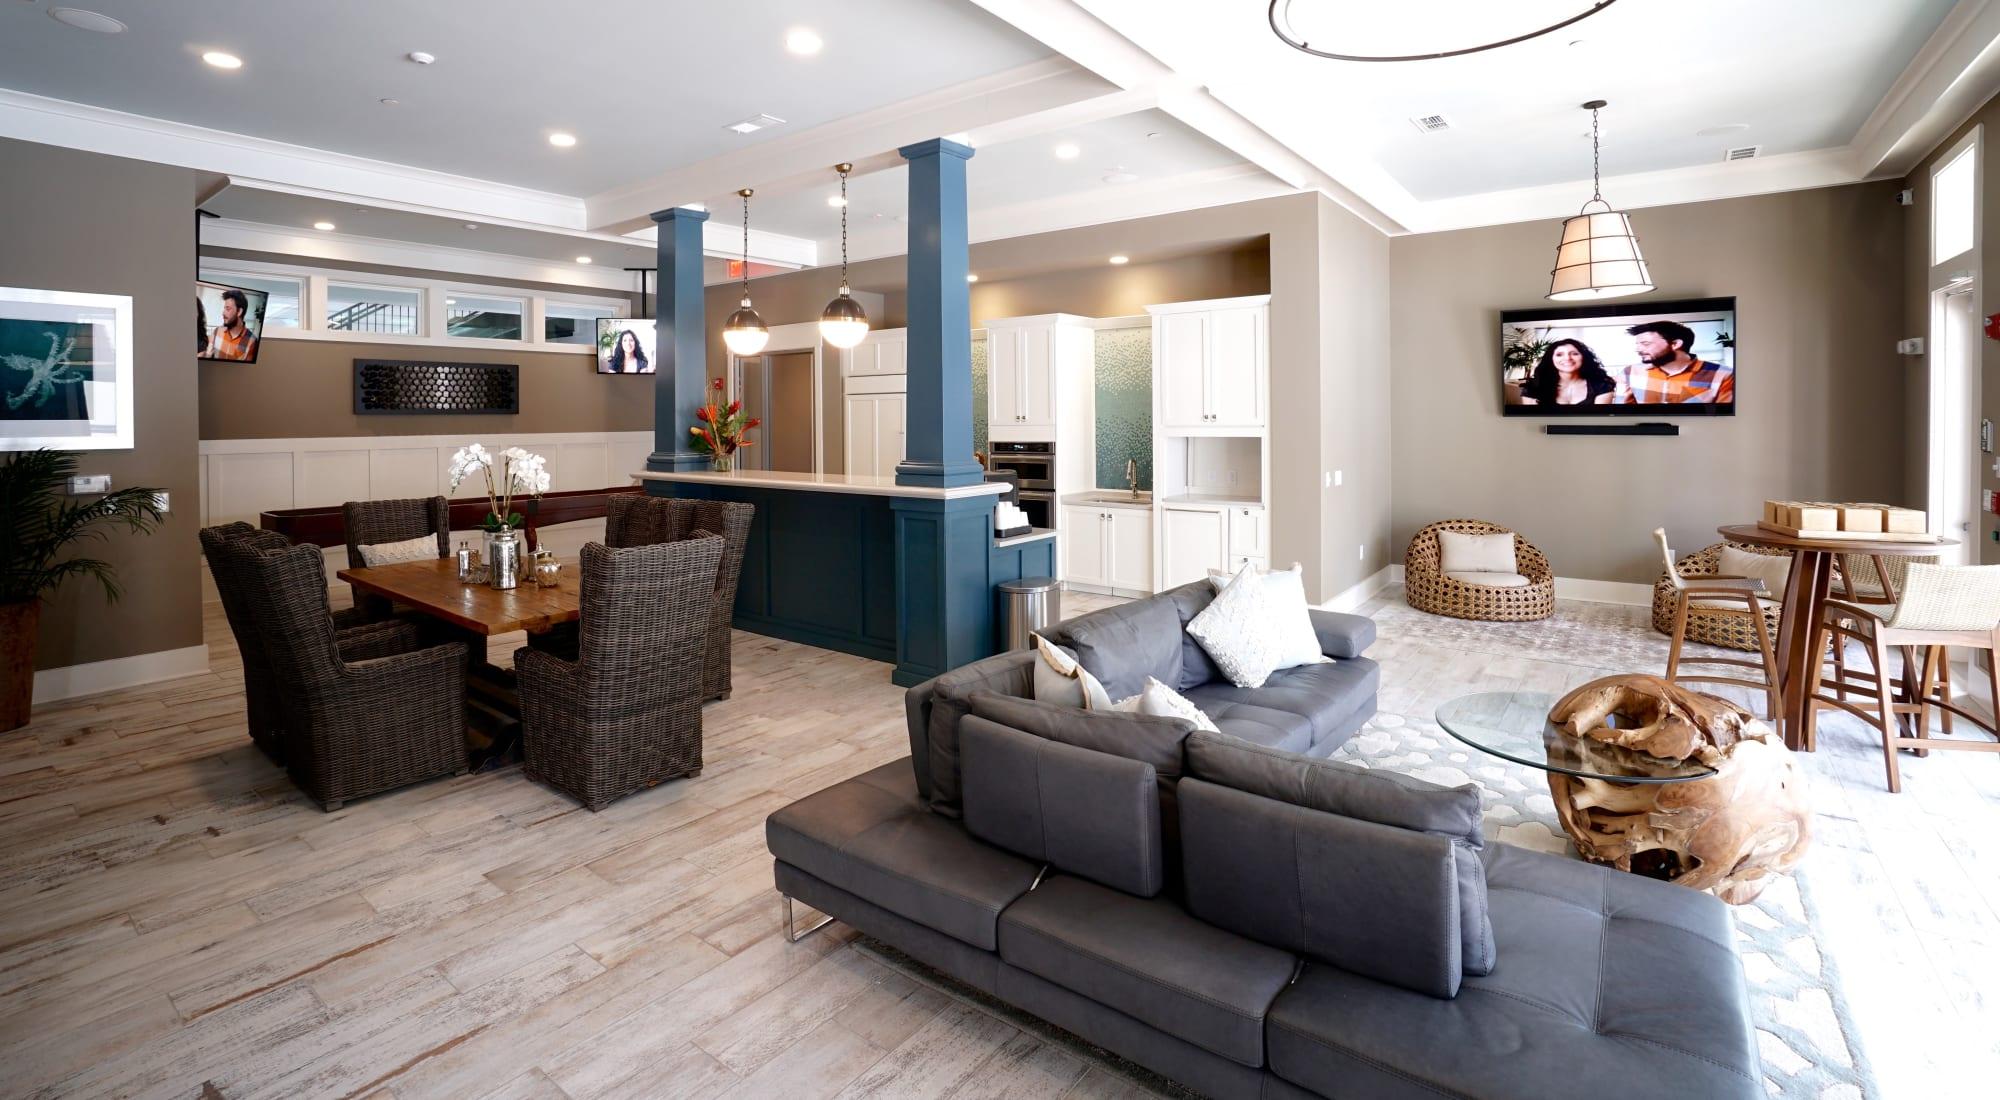 Alaqua apartments in Jacksonville, Florida